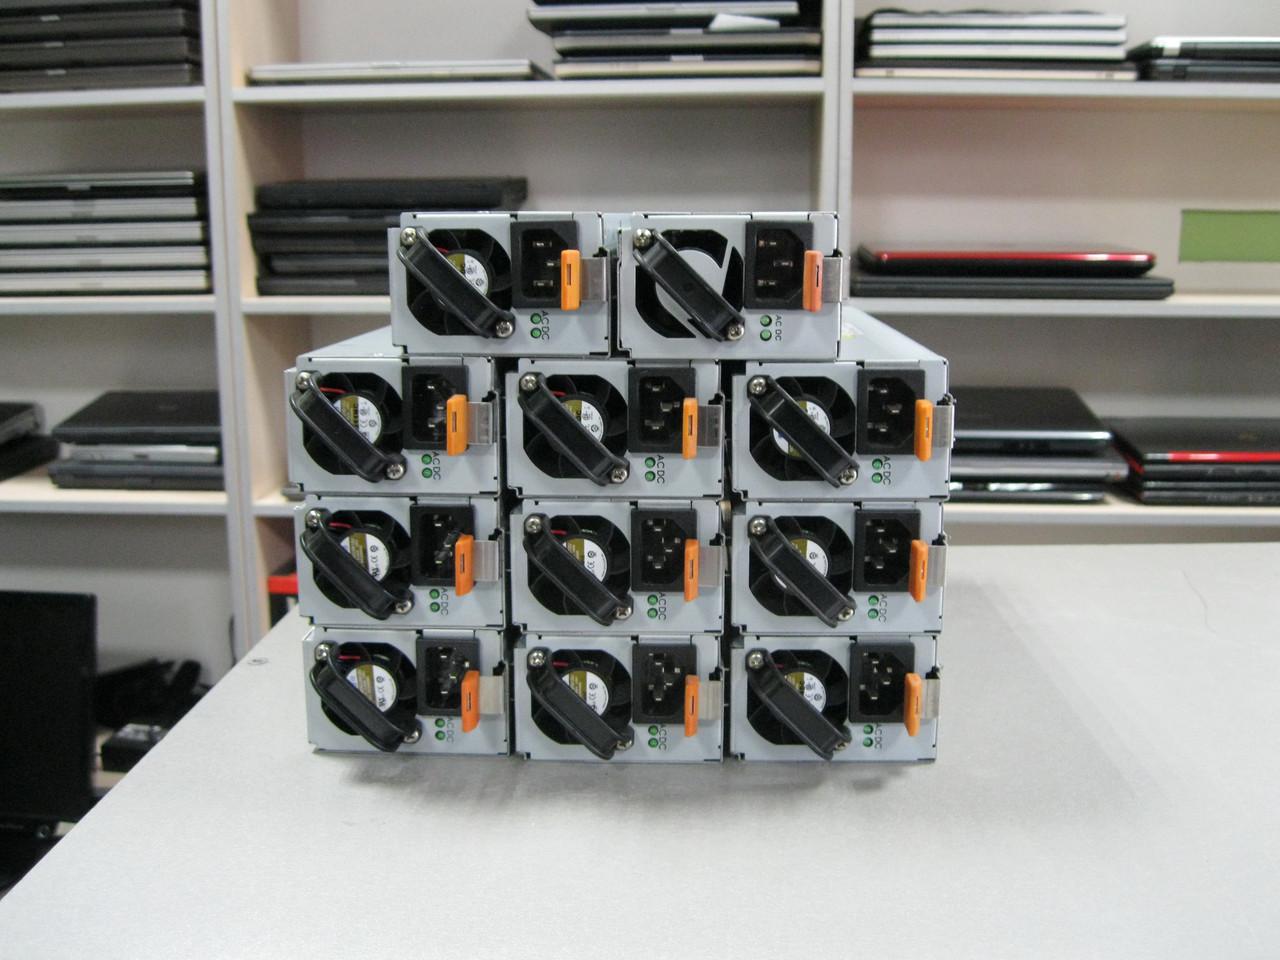 Серверный блок питания IBM 24R2730 Artesyn 7001138-Y000 Power Supply 835w/12В/69А из США!!!ГАРАНТИЯ!!!